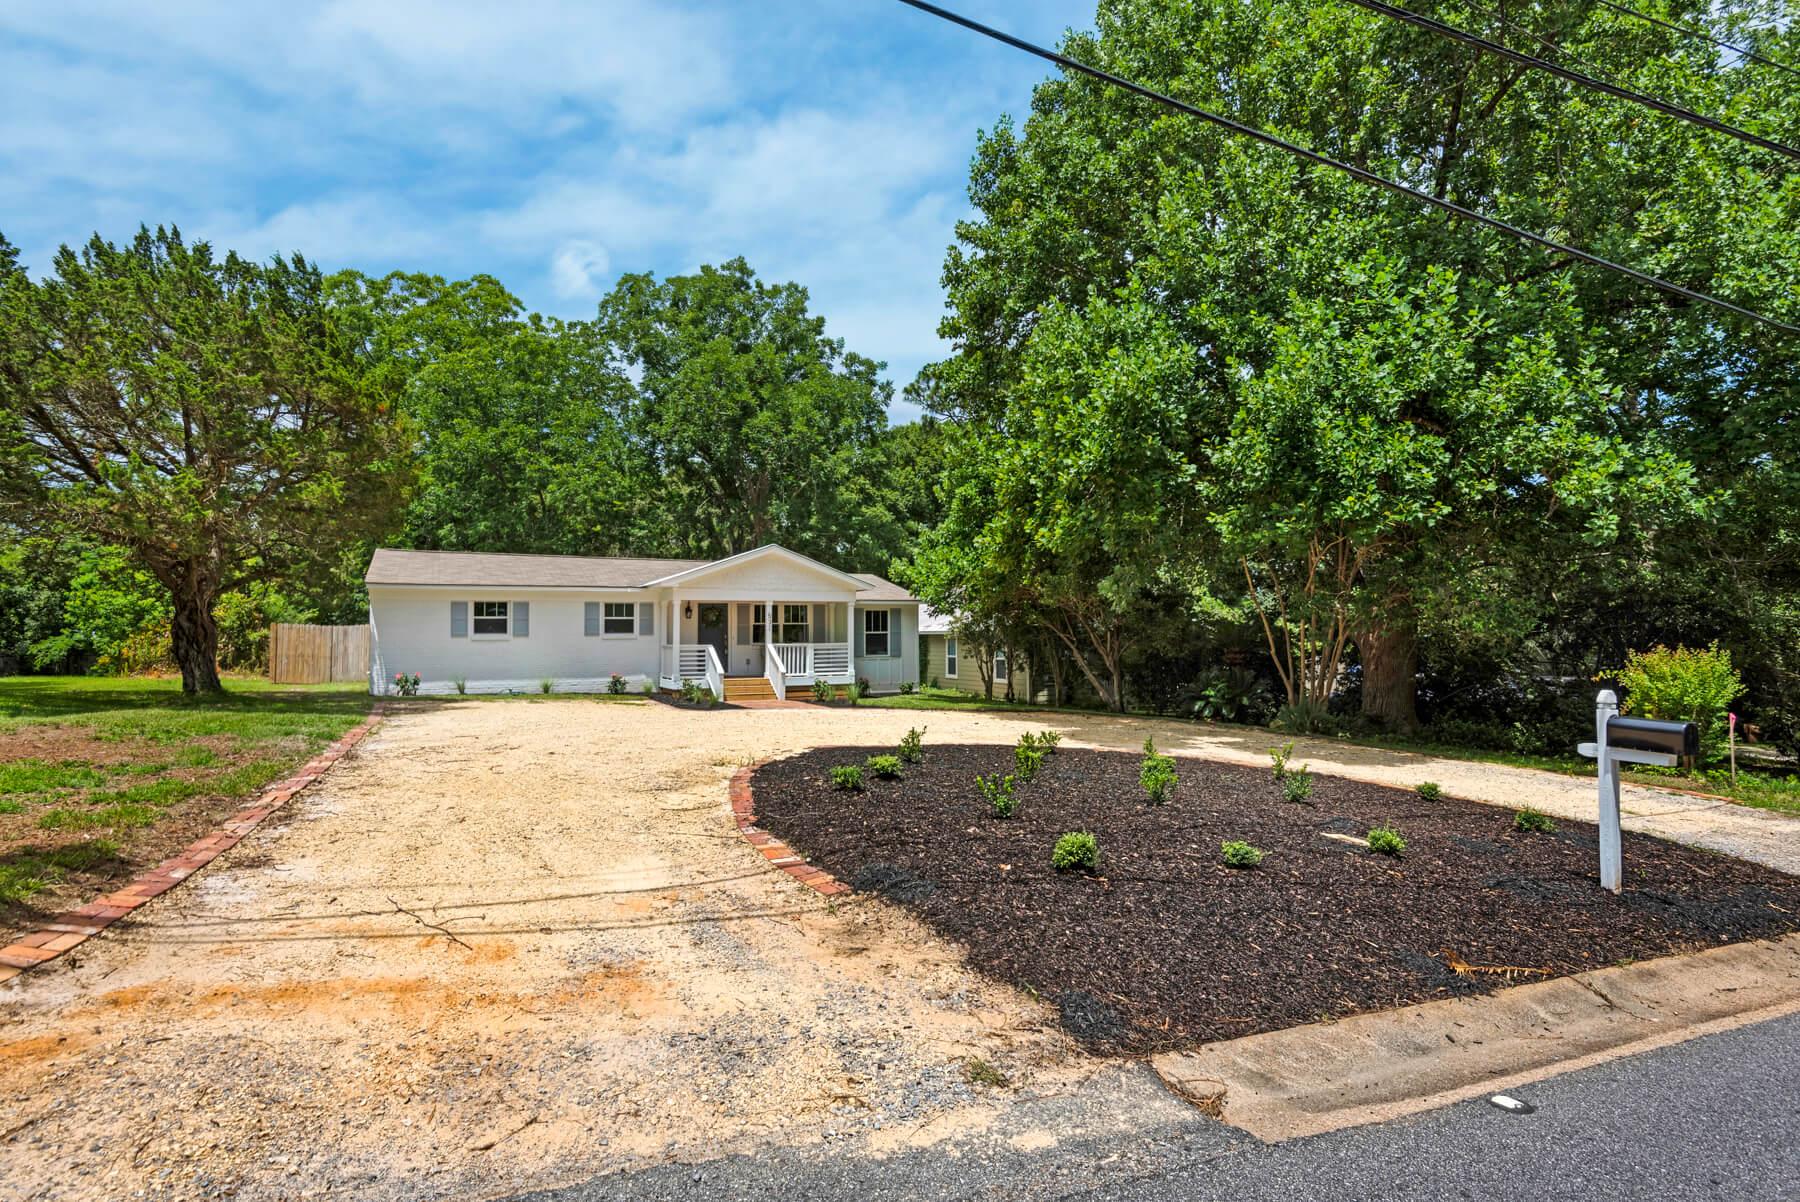 531gayfer.com movetobaldwincounty.com Urban Property 303